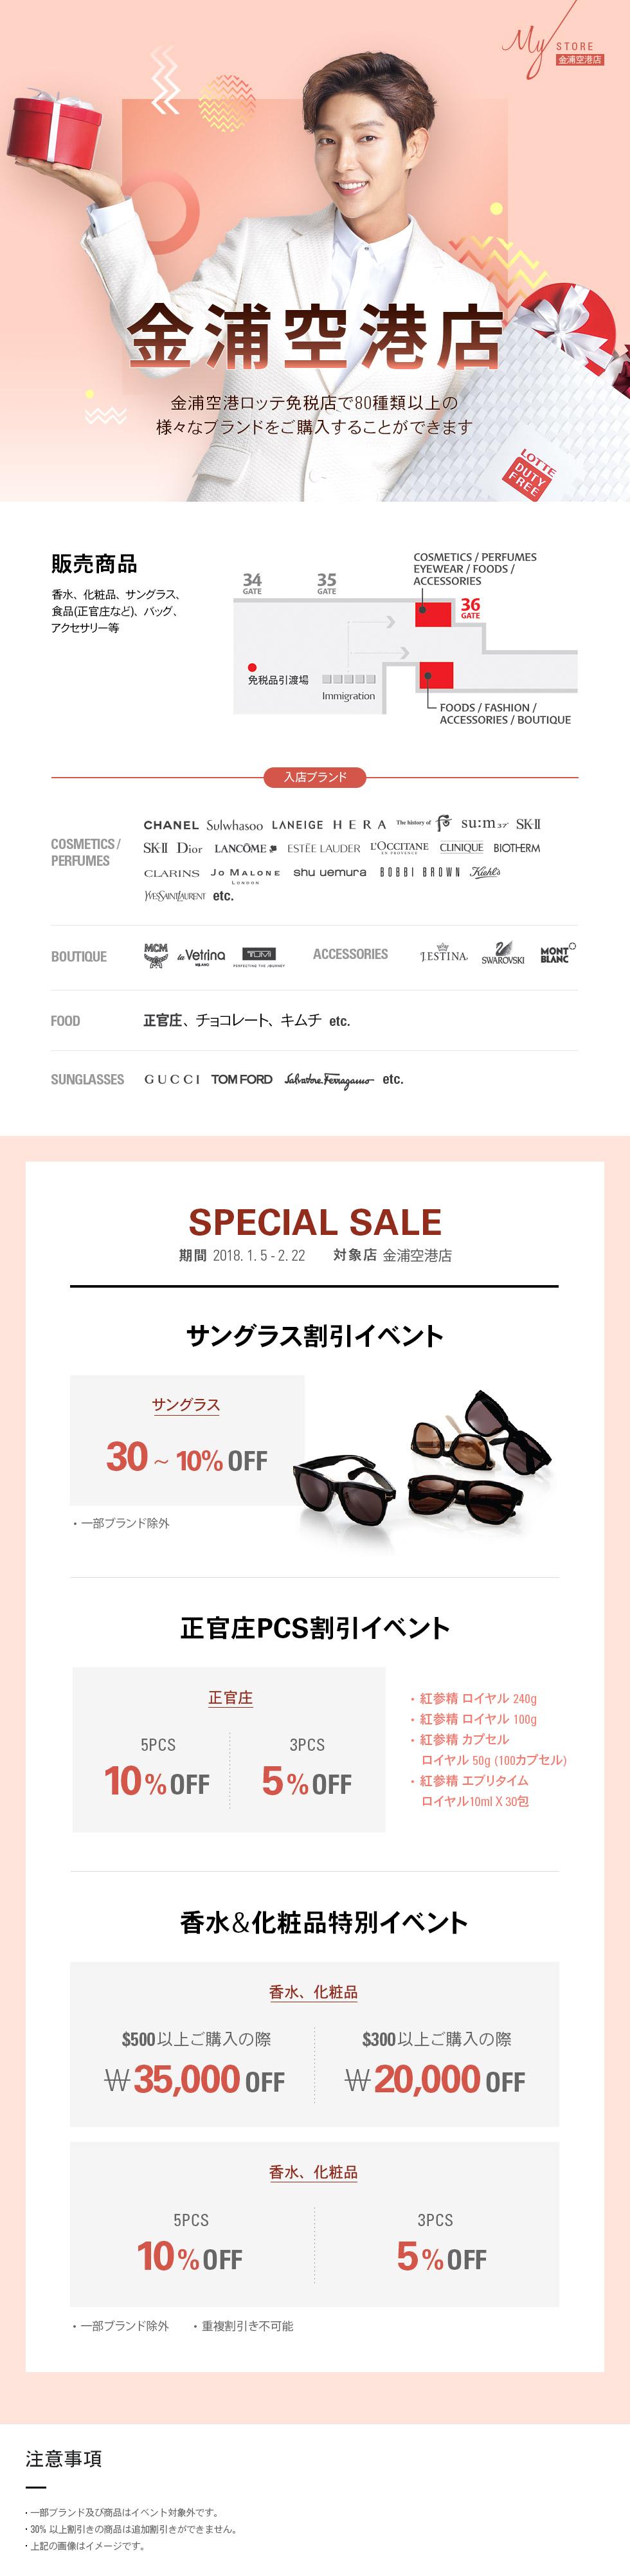 金浦空港店 SPECIAL SALE